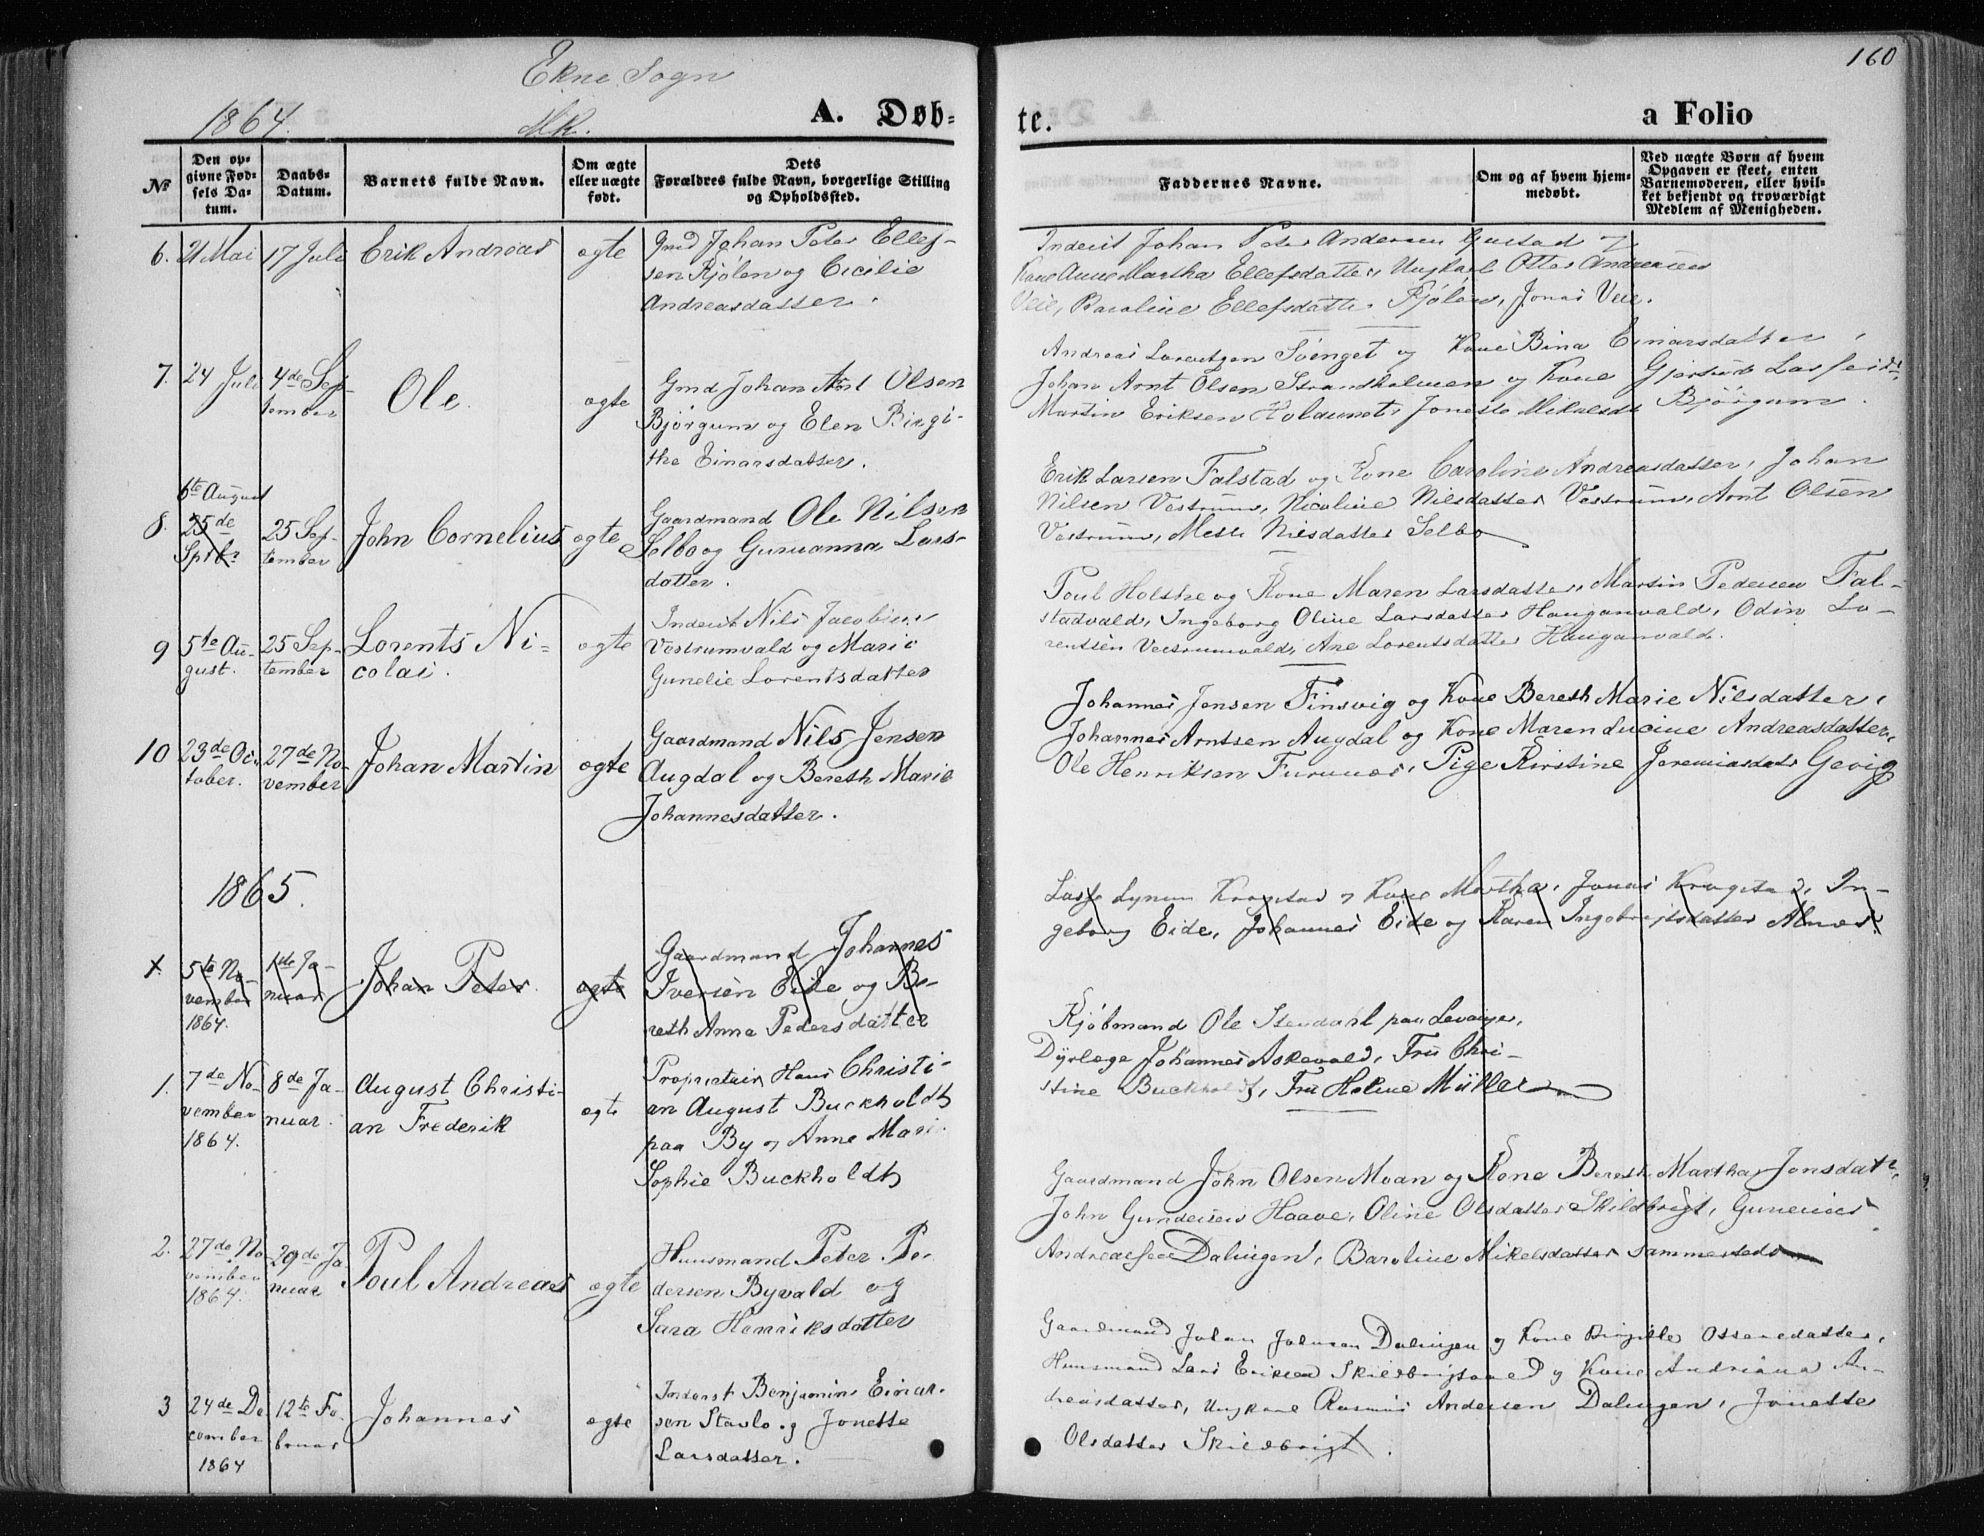 SAT, Ministerialprotokoller, klokkerbøker og fødselsregistre - Nord-Trøndelag, 717/L0158: Ministerialbok nr. 717A08 /2, 1863-1877, s. 160